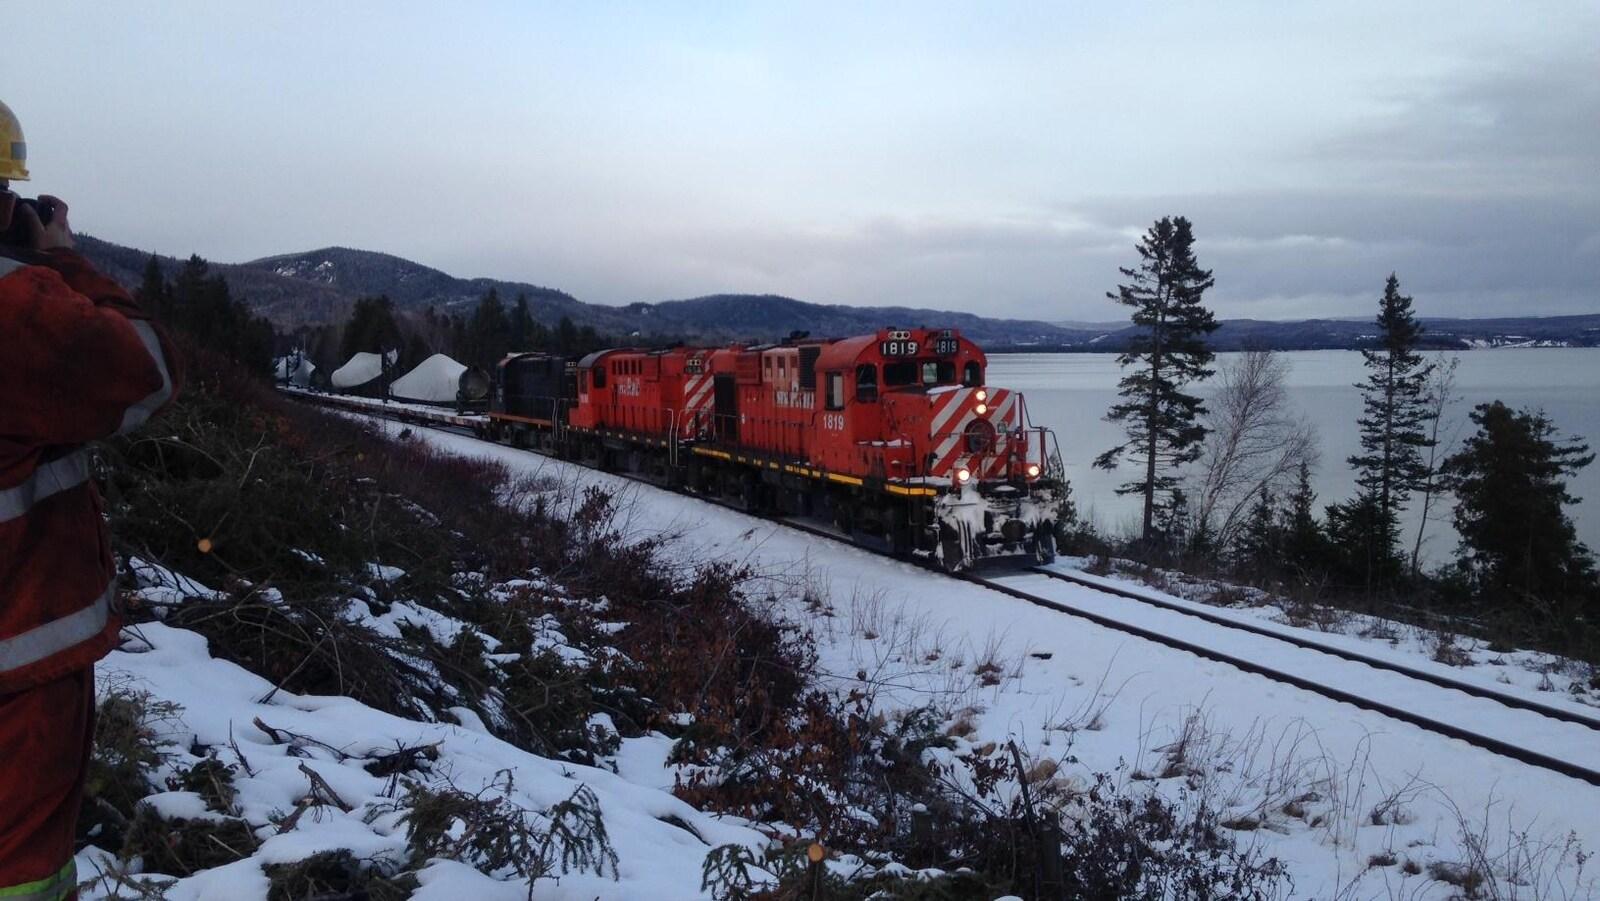 Le convoi en chemin vers Matapédia, où il joindra le train du Canadien National.